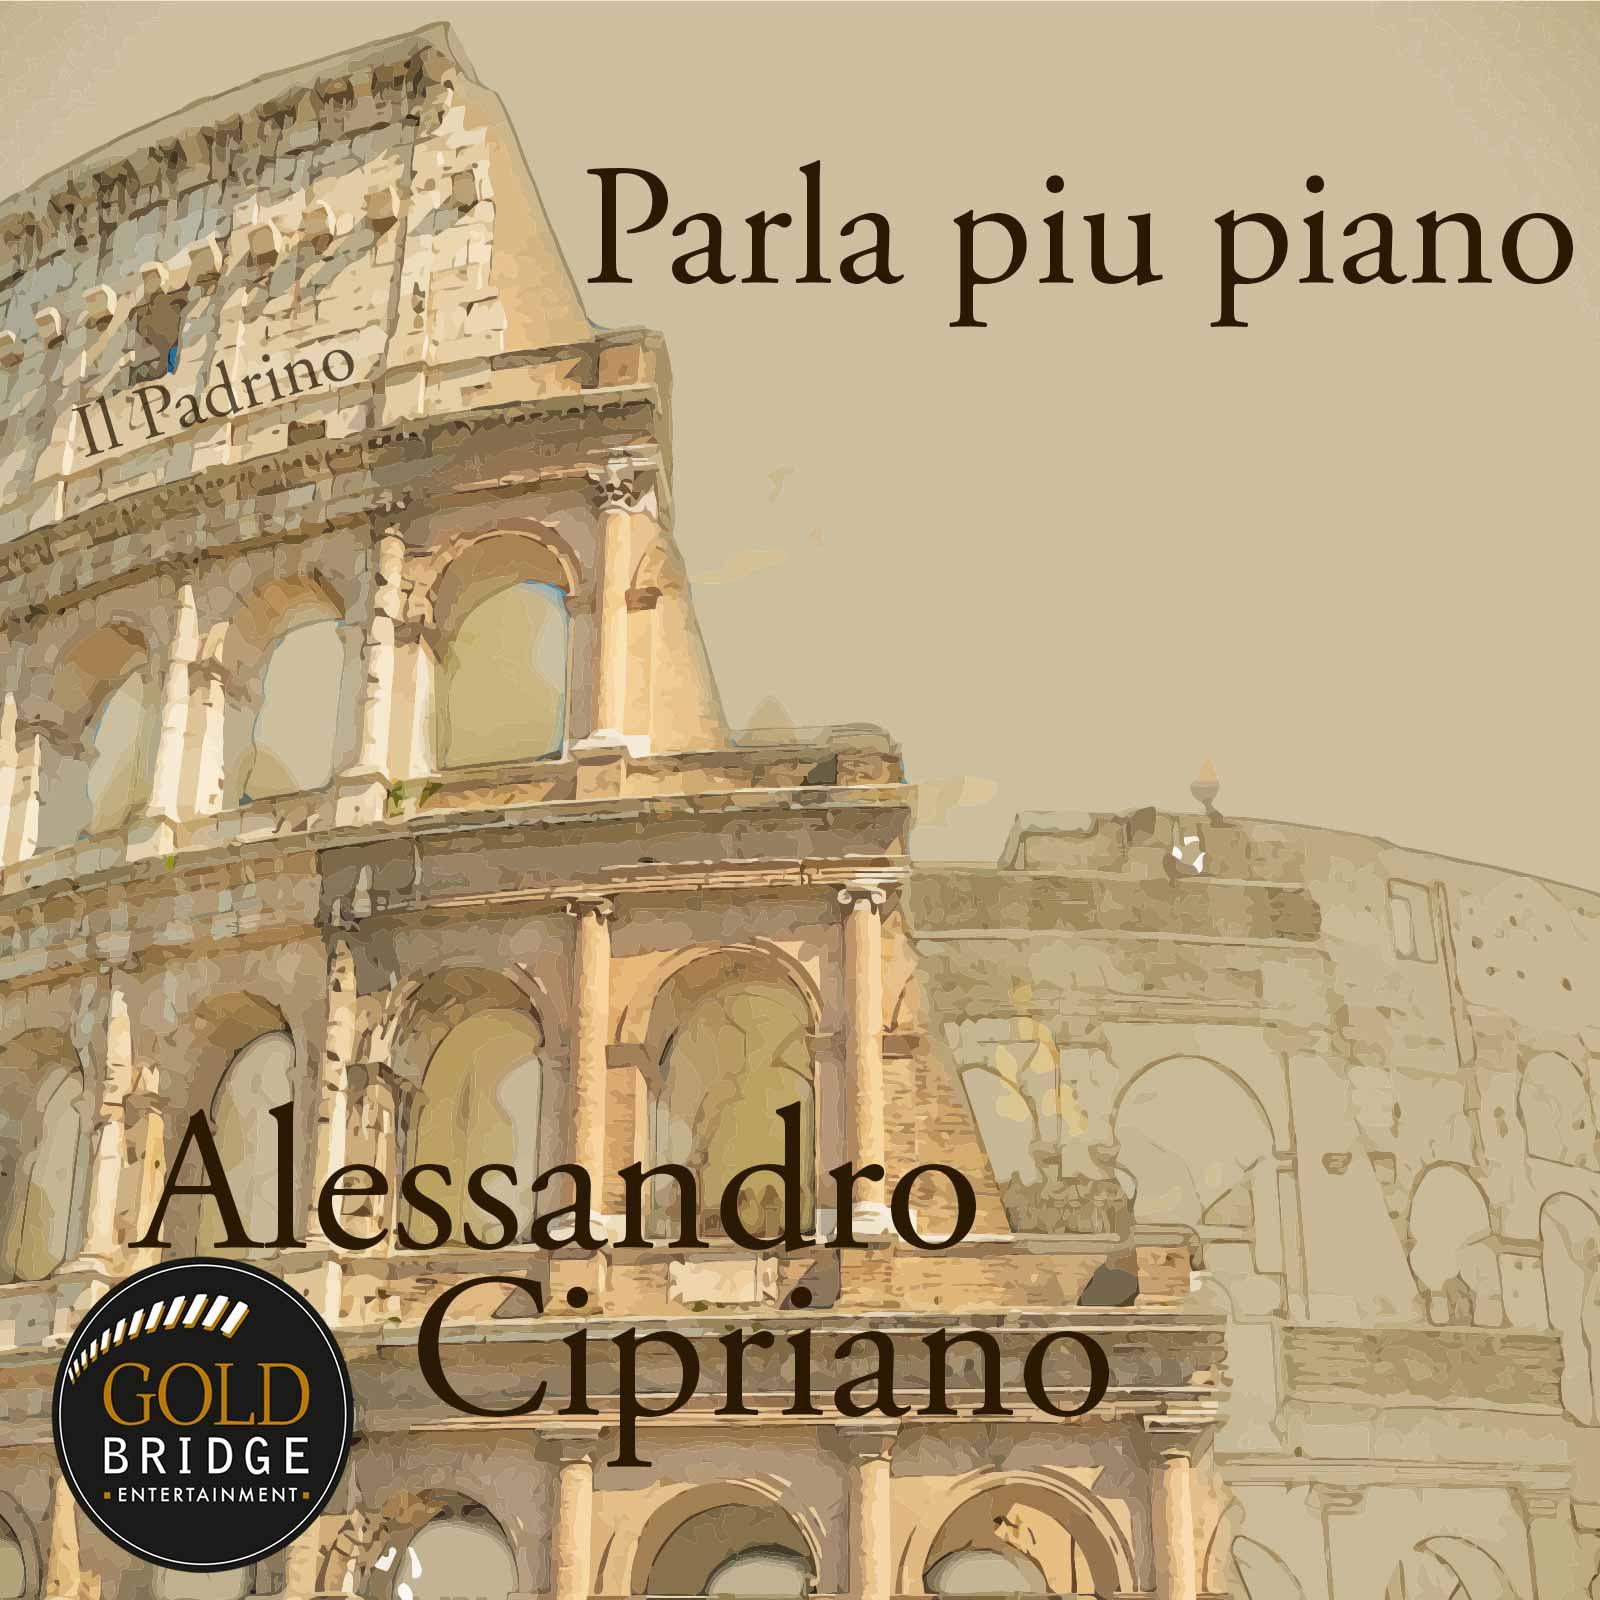 Parla piu piano Alessandro Cipriano